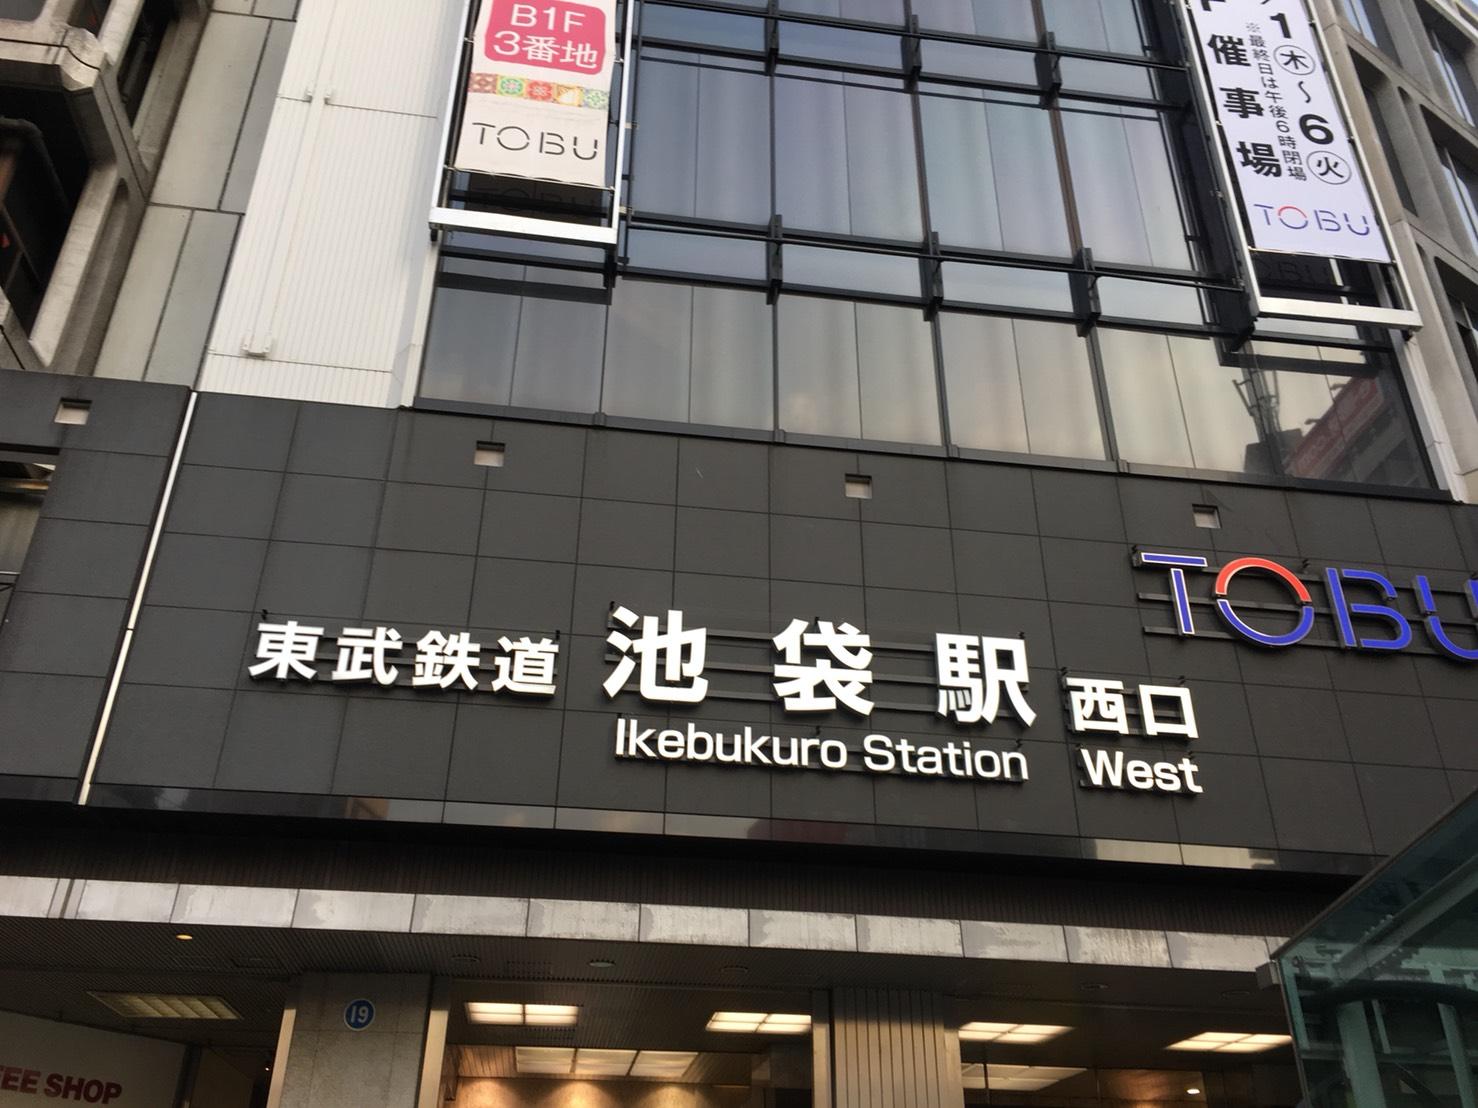 【豊島区】豊島区内に本社を構える意外な有名企業を紹介!一気にファンになりました♡